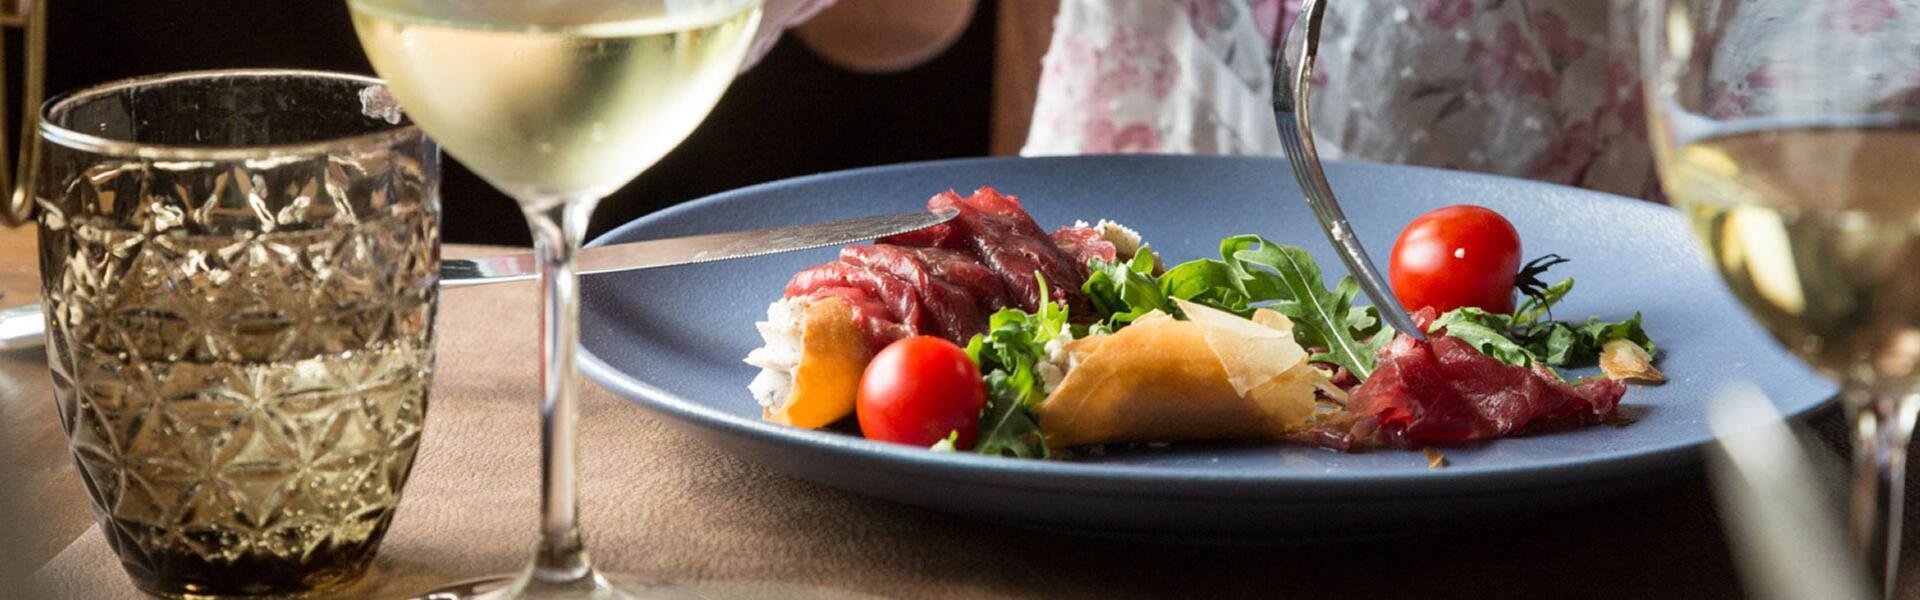 hotellaghetto it ristorante 003